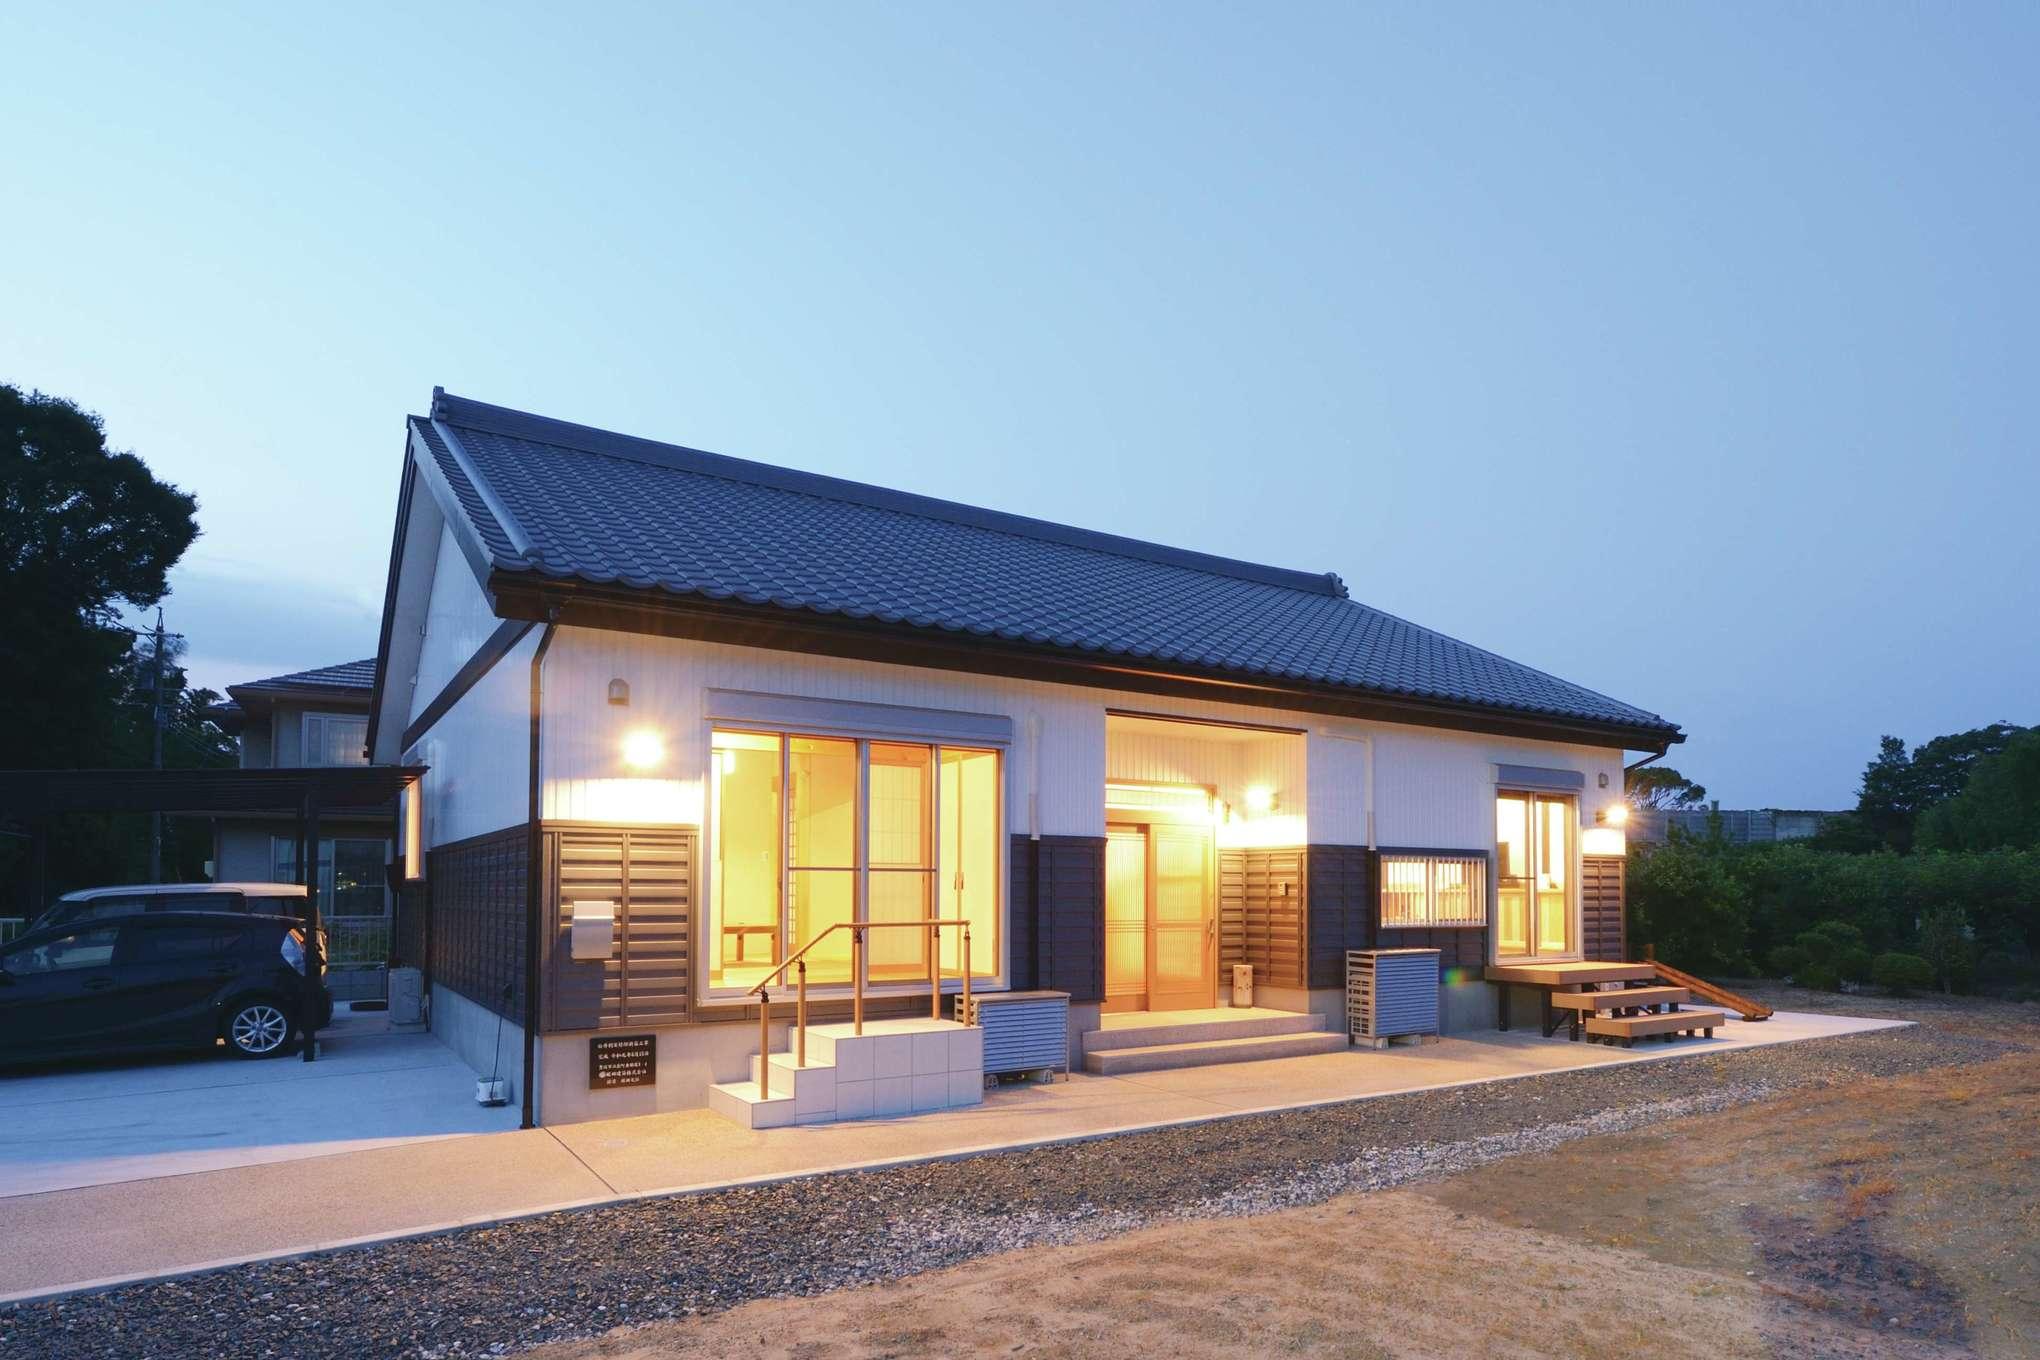 堀田建築【デザイン住宅、自然素材、夫婦で暮らす】ガルバリウムを鎧張りにした外観が目を惹く